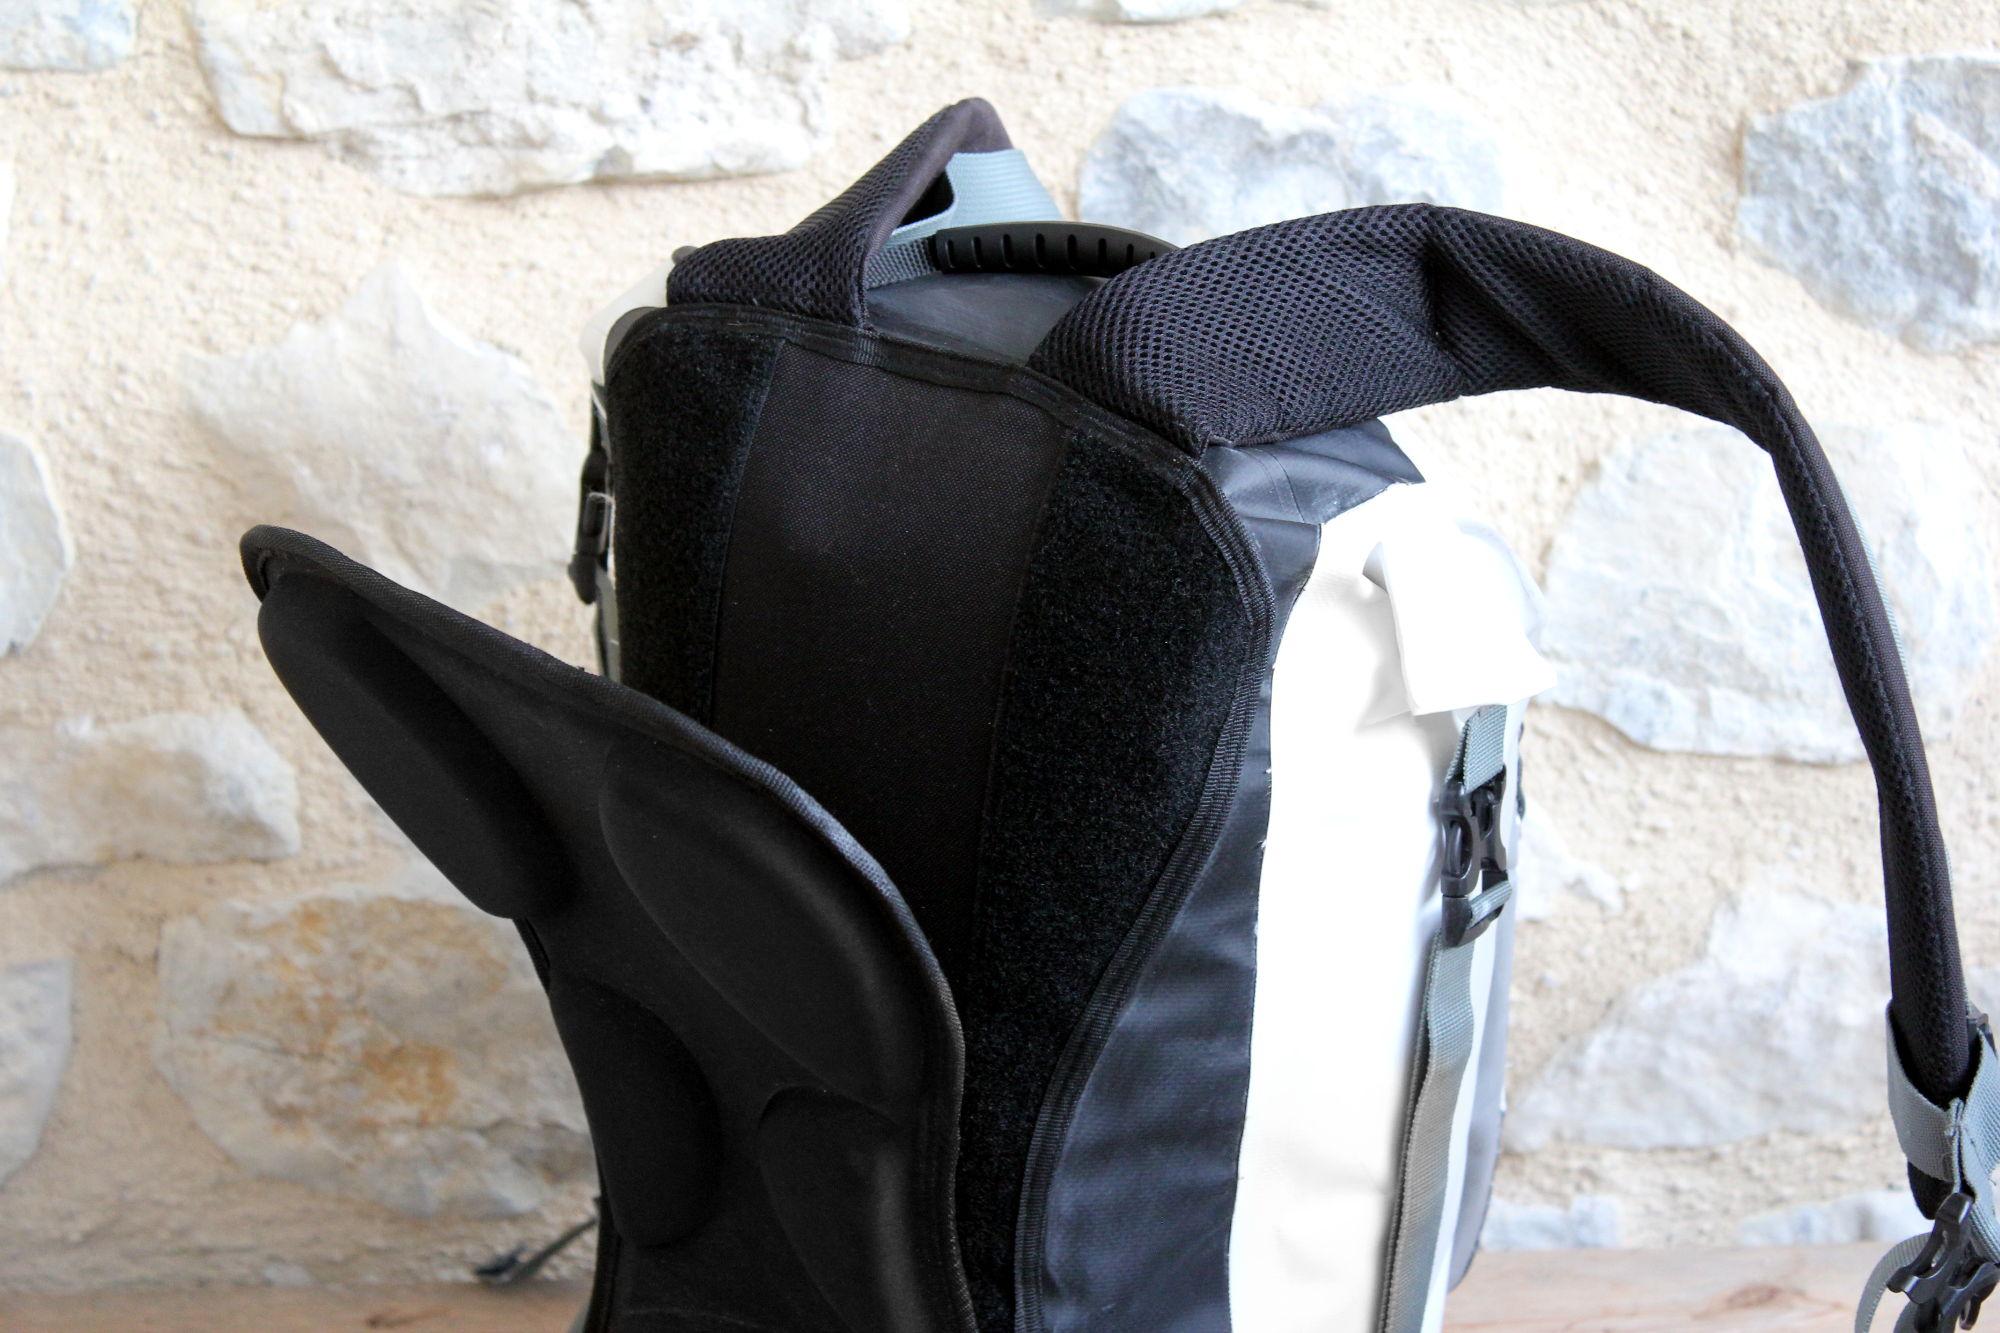 La parte posterior acolchada semirrígida es desmontable, por ejemplo, para enrollar la mochila sobre sí misma